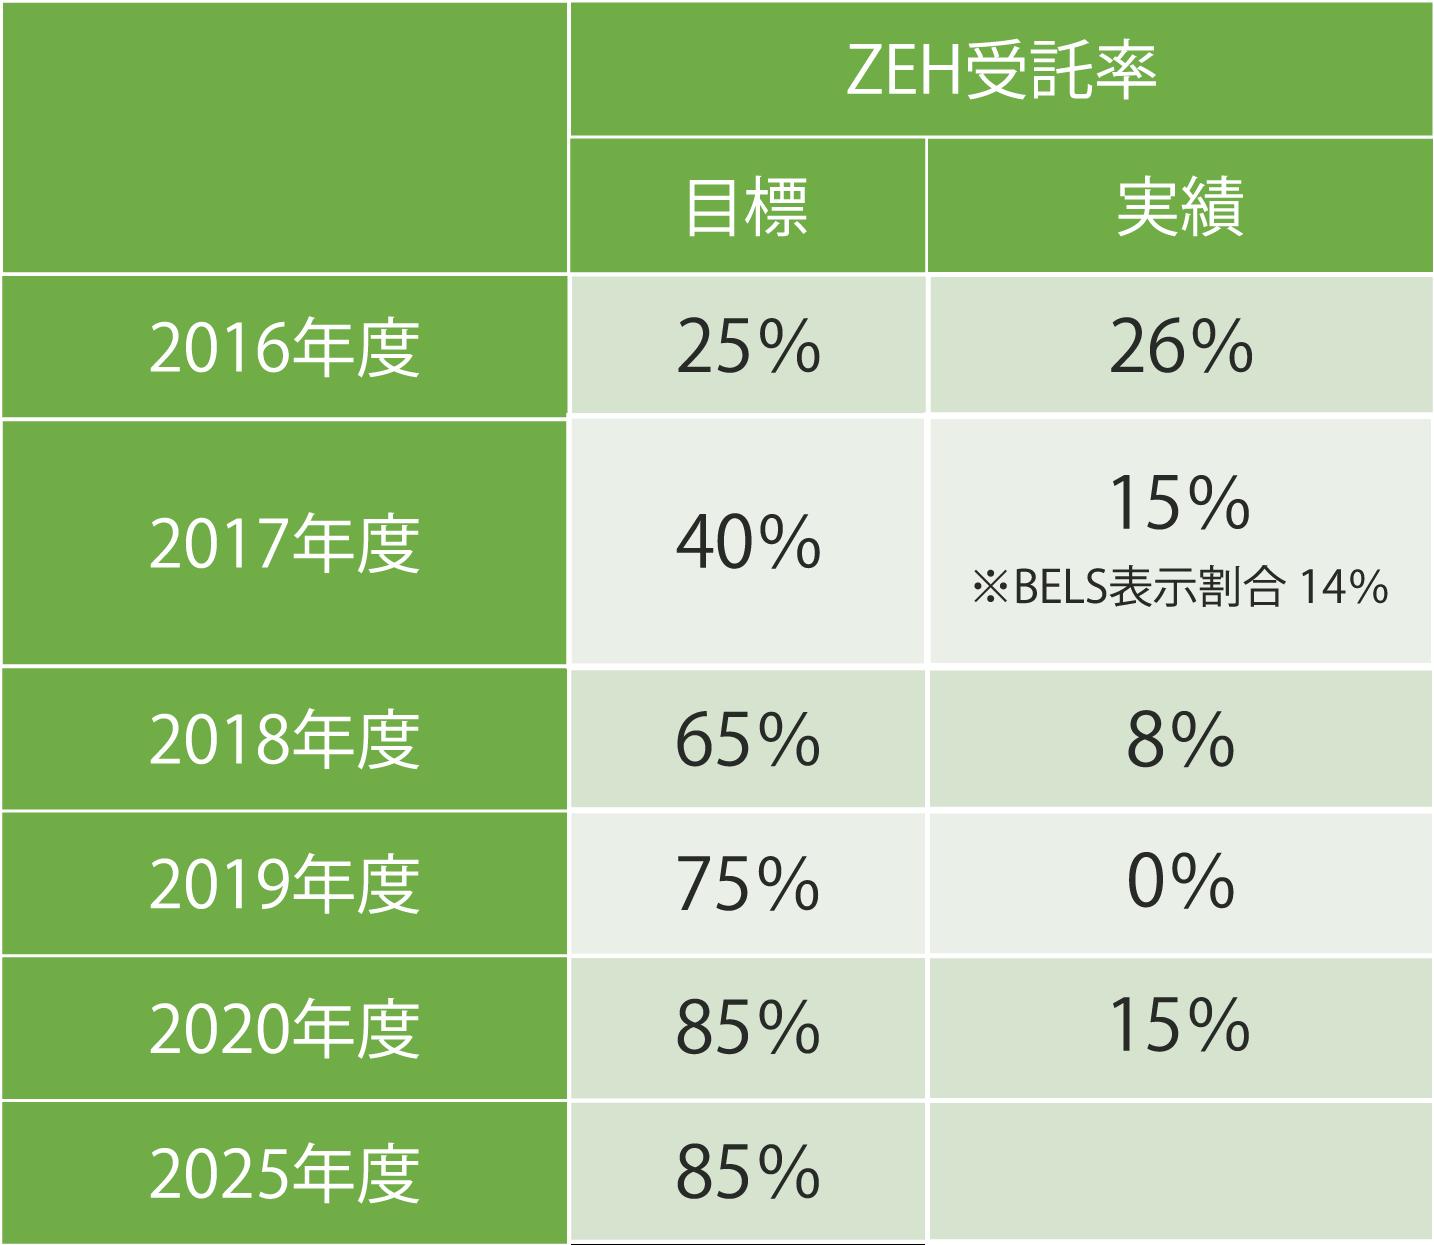 ZHE受諾率目標 数値